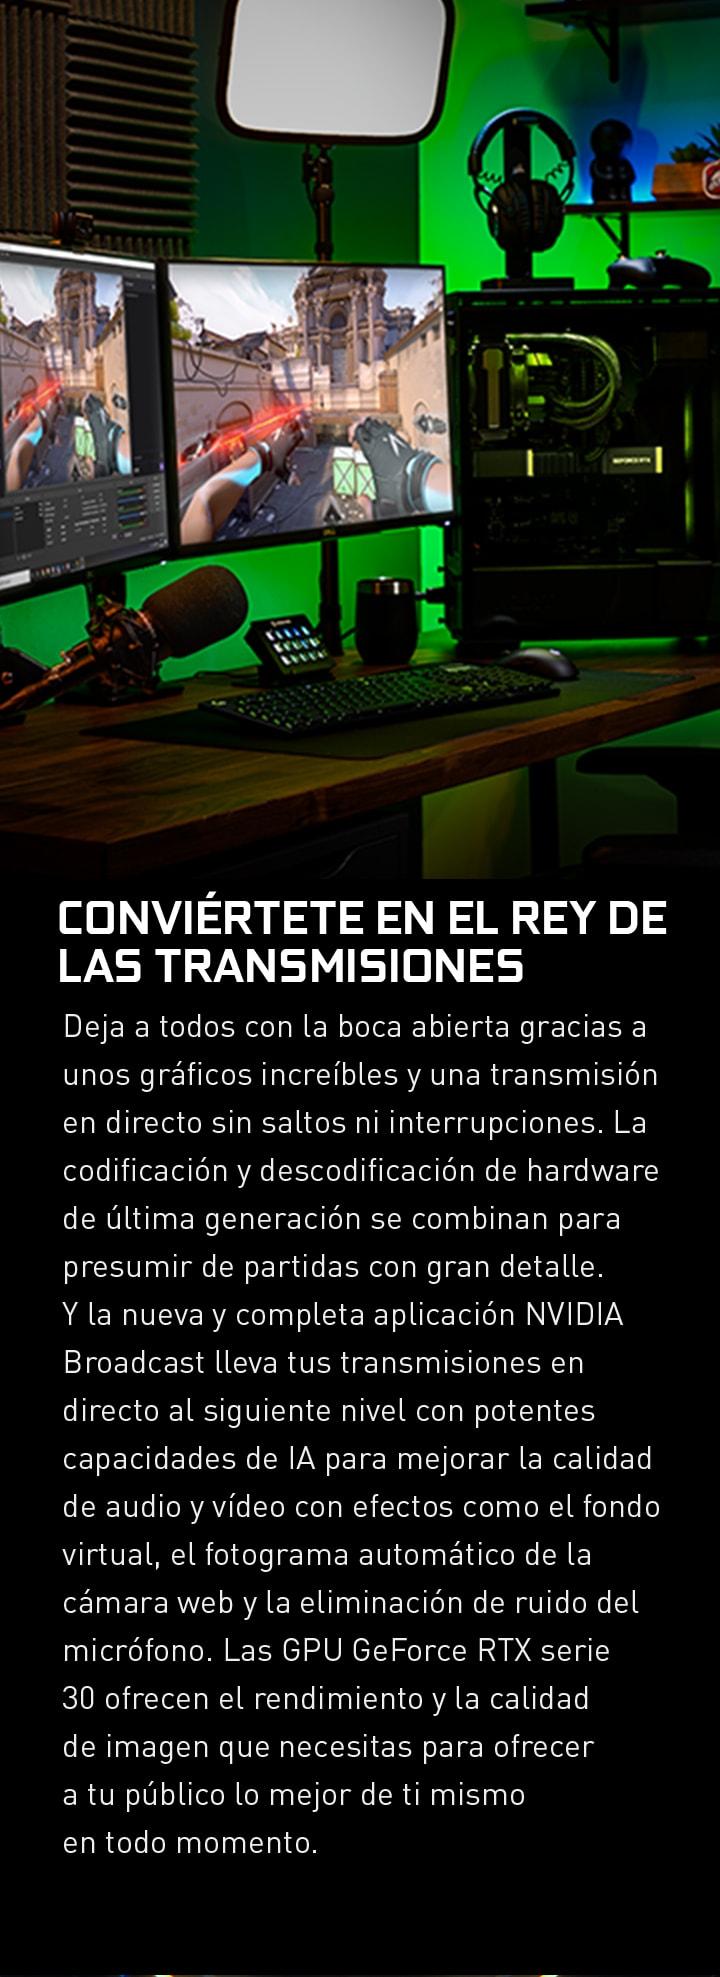 CONVIÉRTETE EN EL REY DE LAS TRANSMISIONES